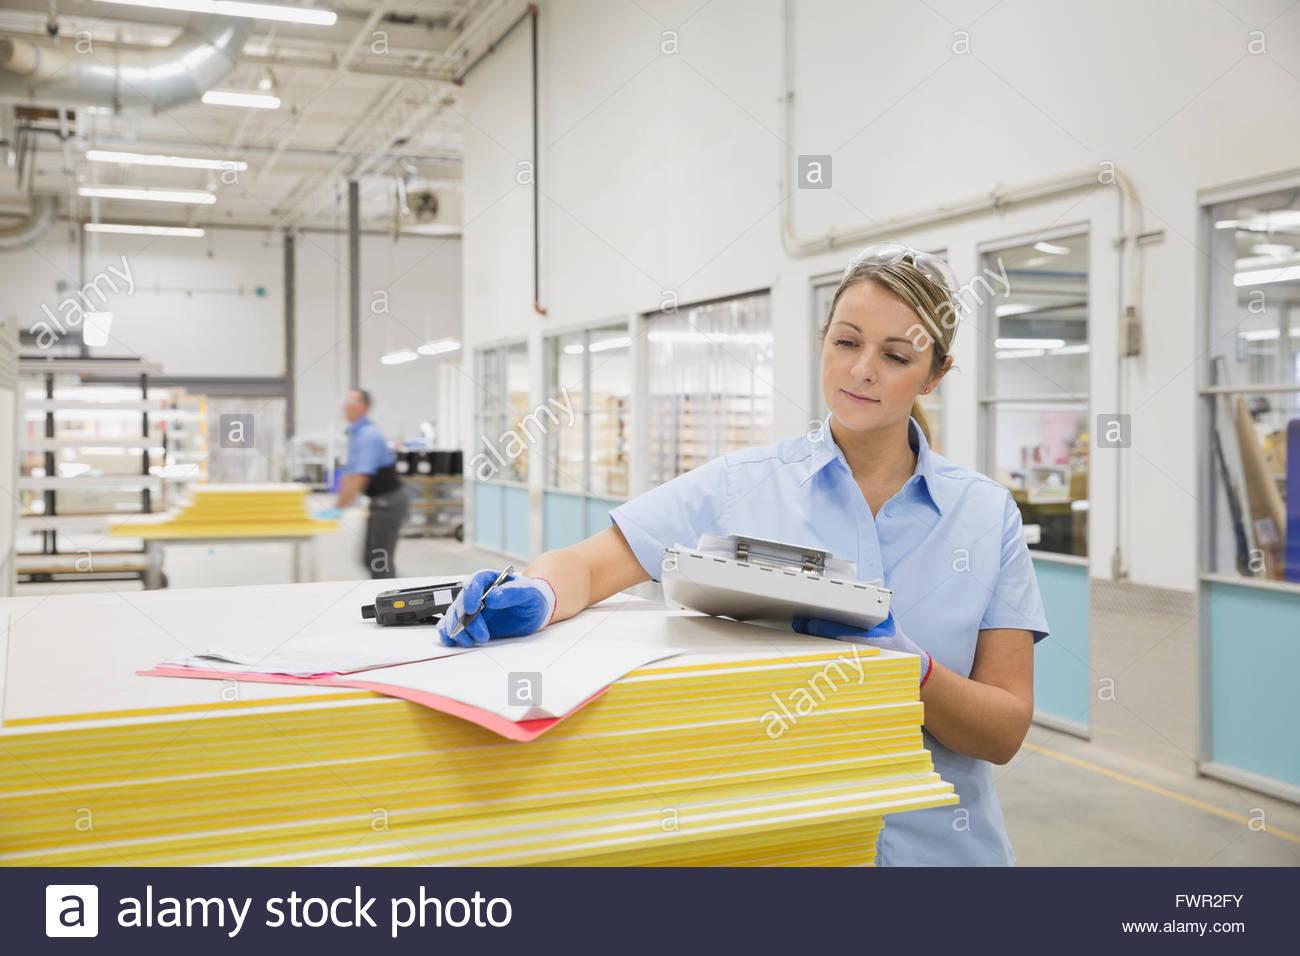 Trabajadora Revisar stock en la fábrica. Imagen De Stock